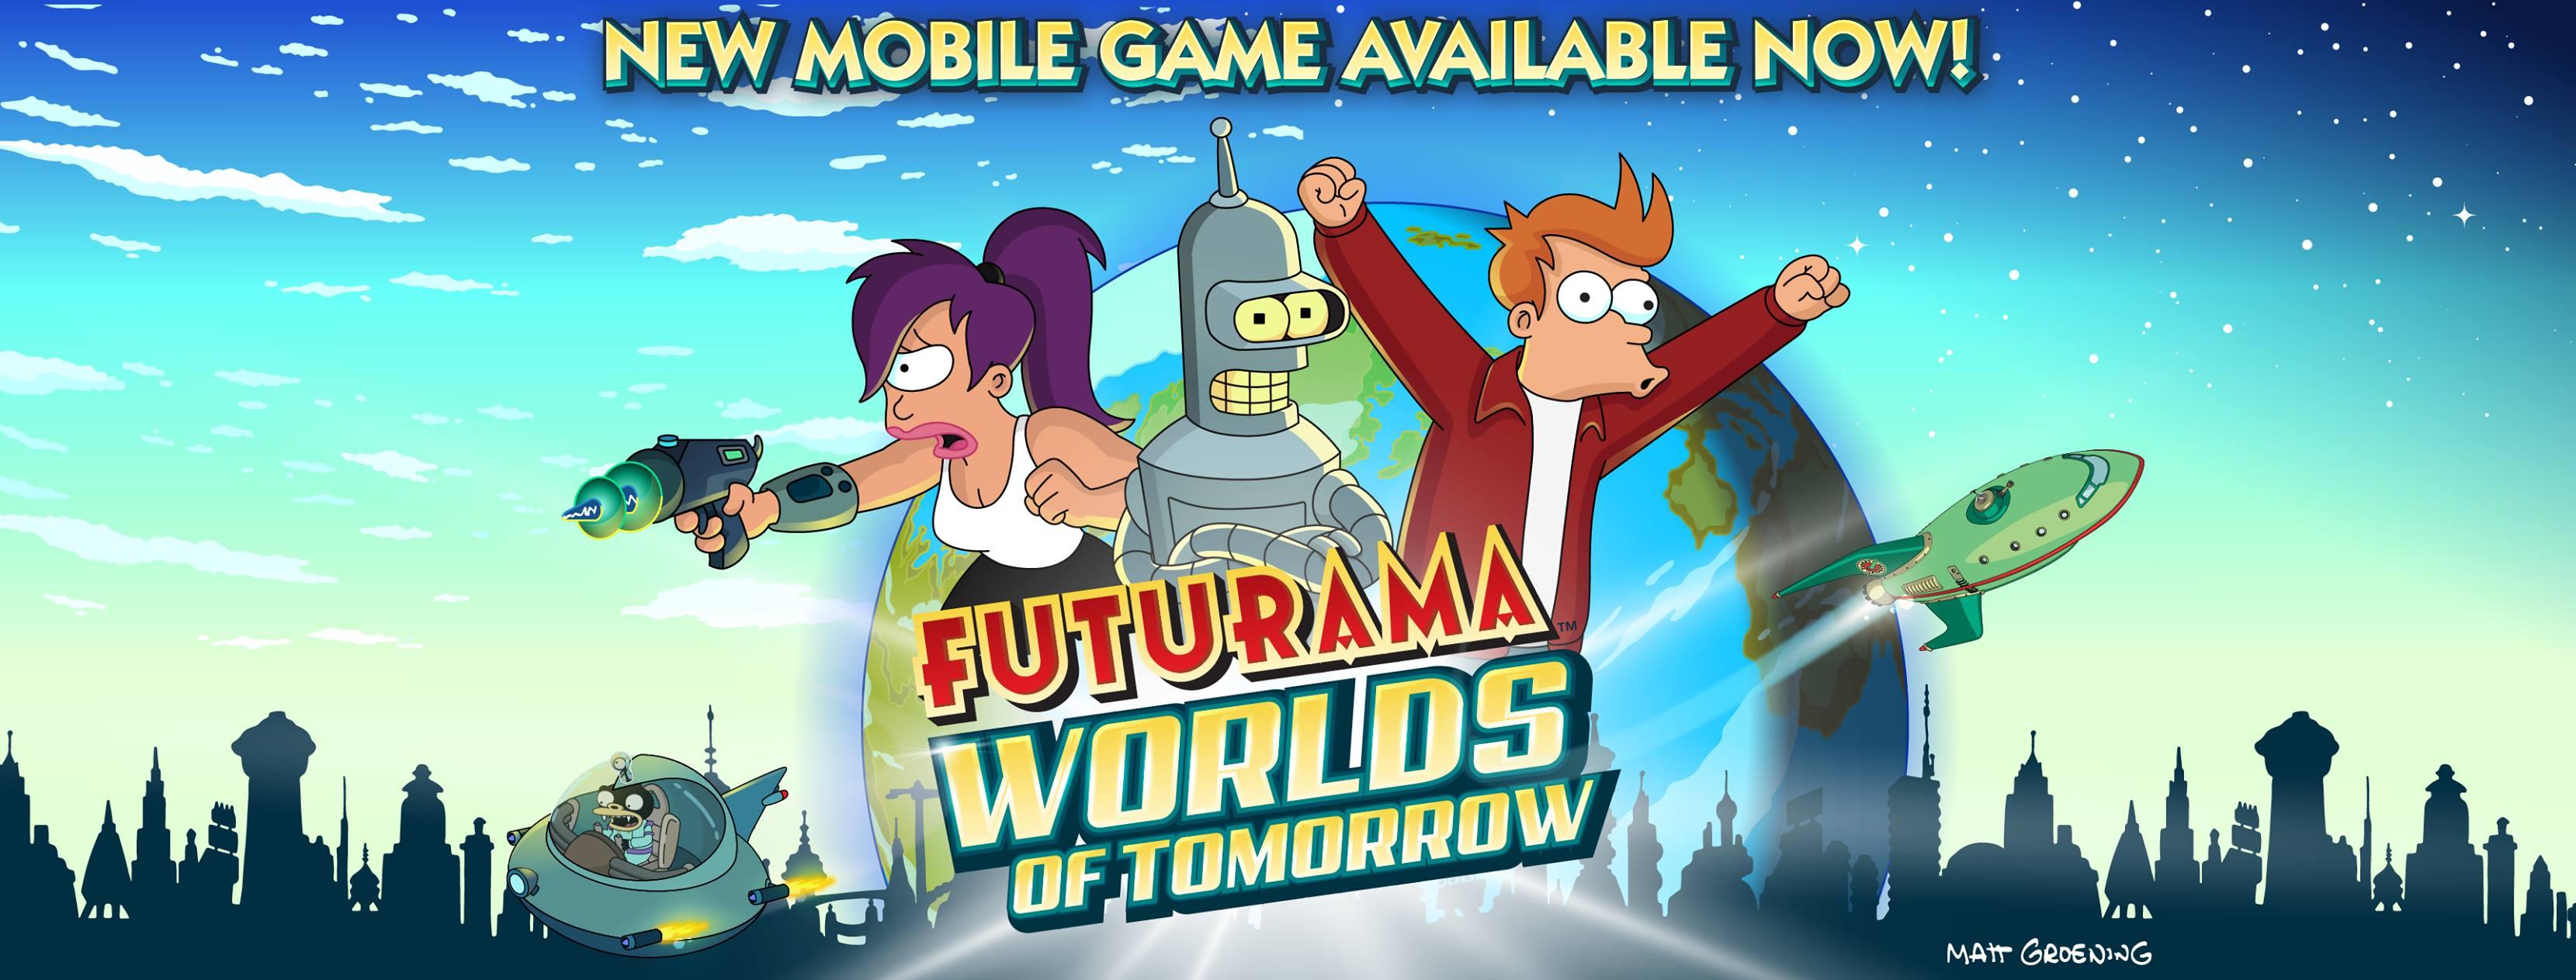 Další hra s tématikou Futuramy přišla na Android a iOS